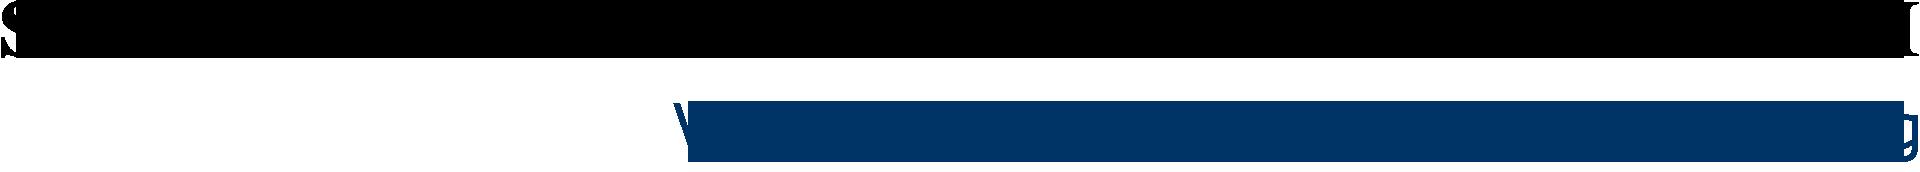 SCHLEBER FINANZ-CONSULTING GMBH – Verantwortungsvolle Vermögensverwaltung